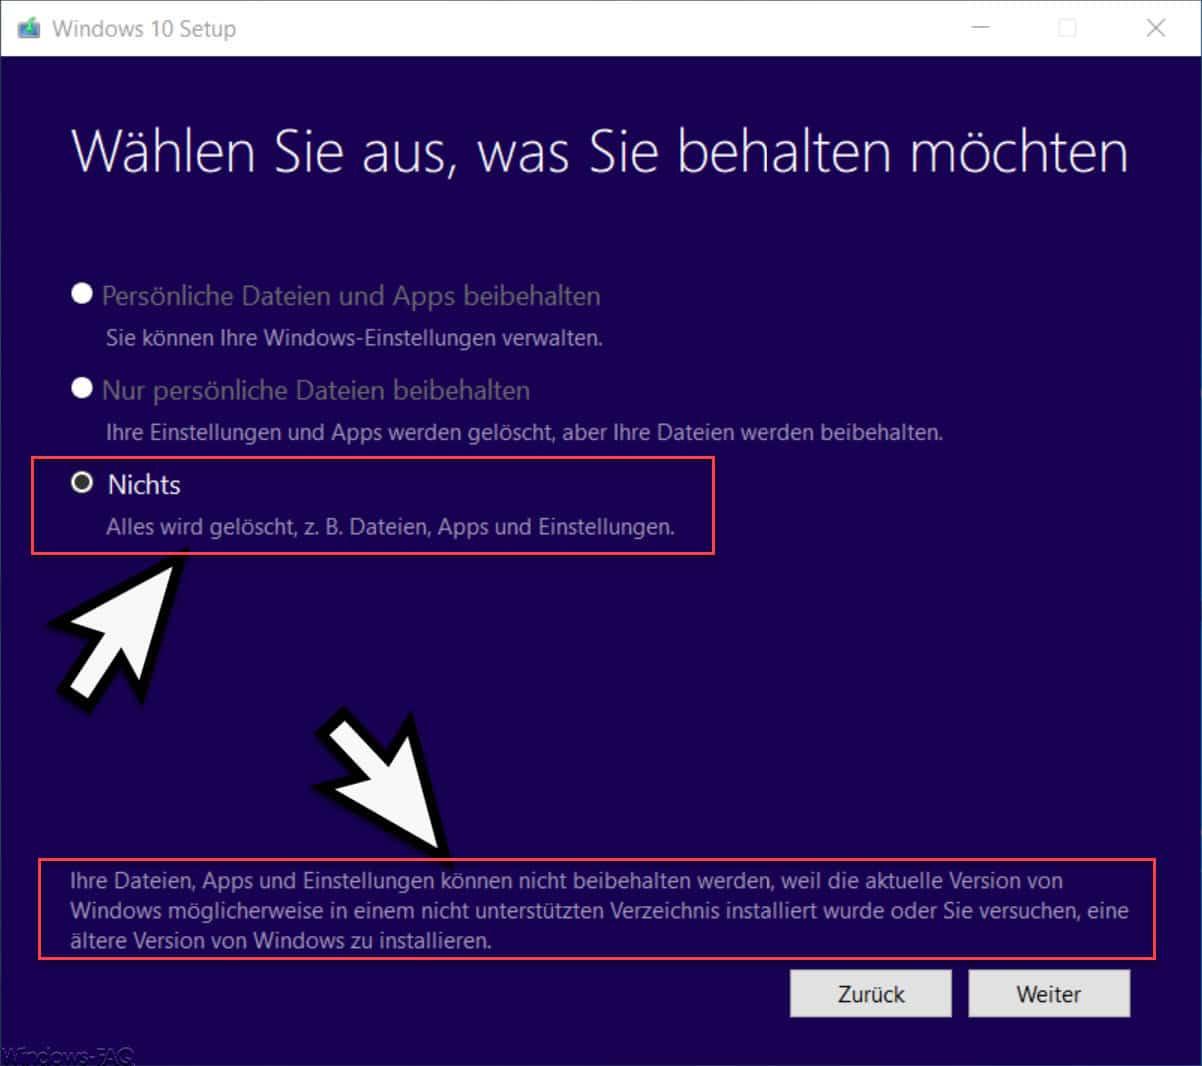 Ihre Dateien, Apps und Einstellungen können nicht beibehalten werden, weil die aktuelle Version von Windows...